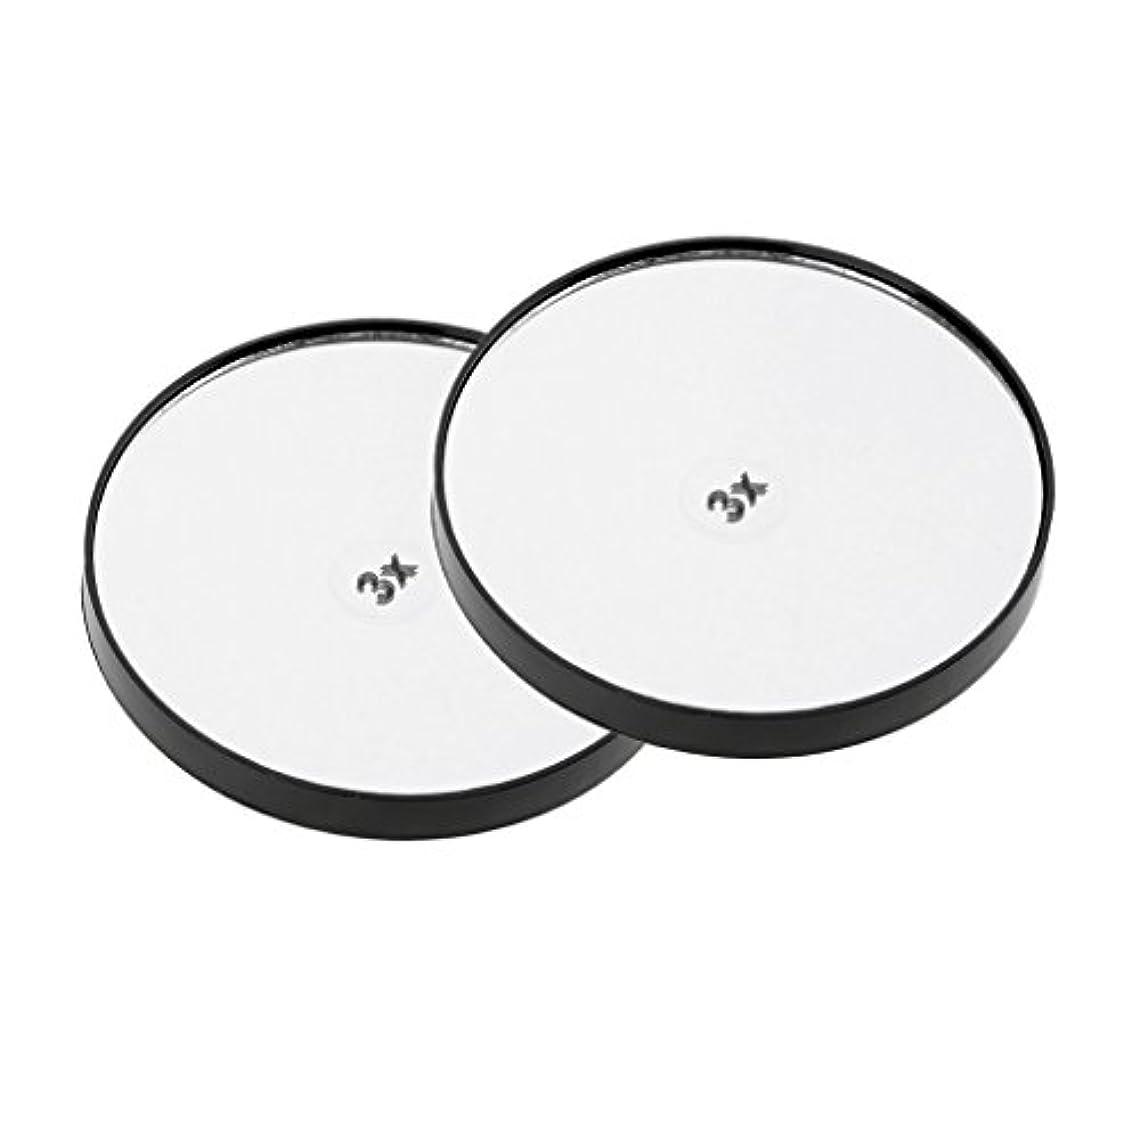 グレードパッチパトロールメイクアップミラー 化粧鏡 壁吸引ミラー 2個 サクションメイクミラー - 3倍拡大